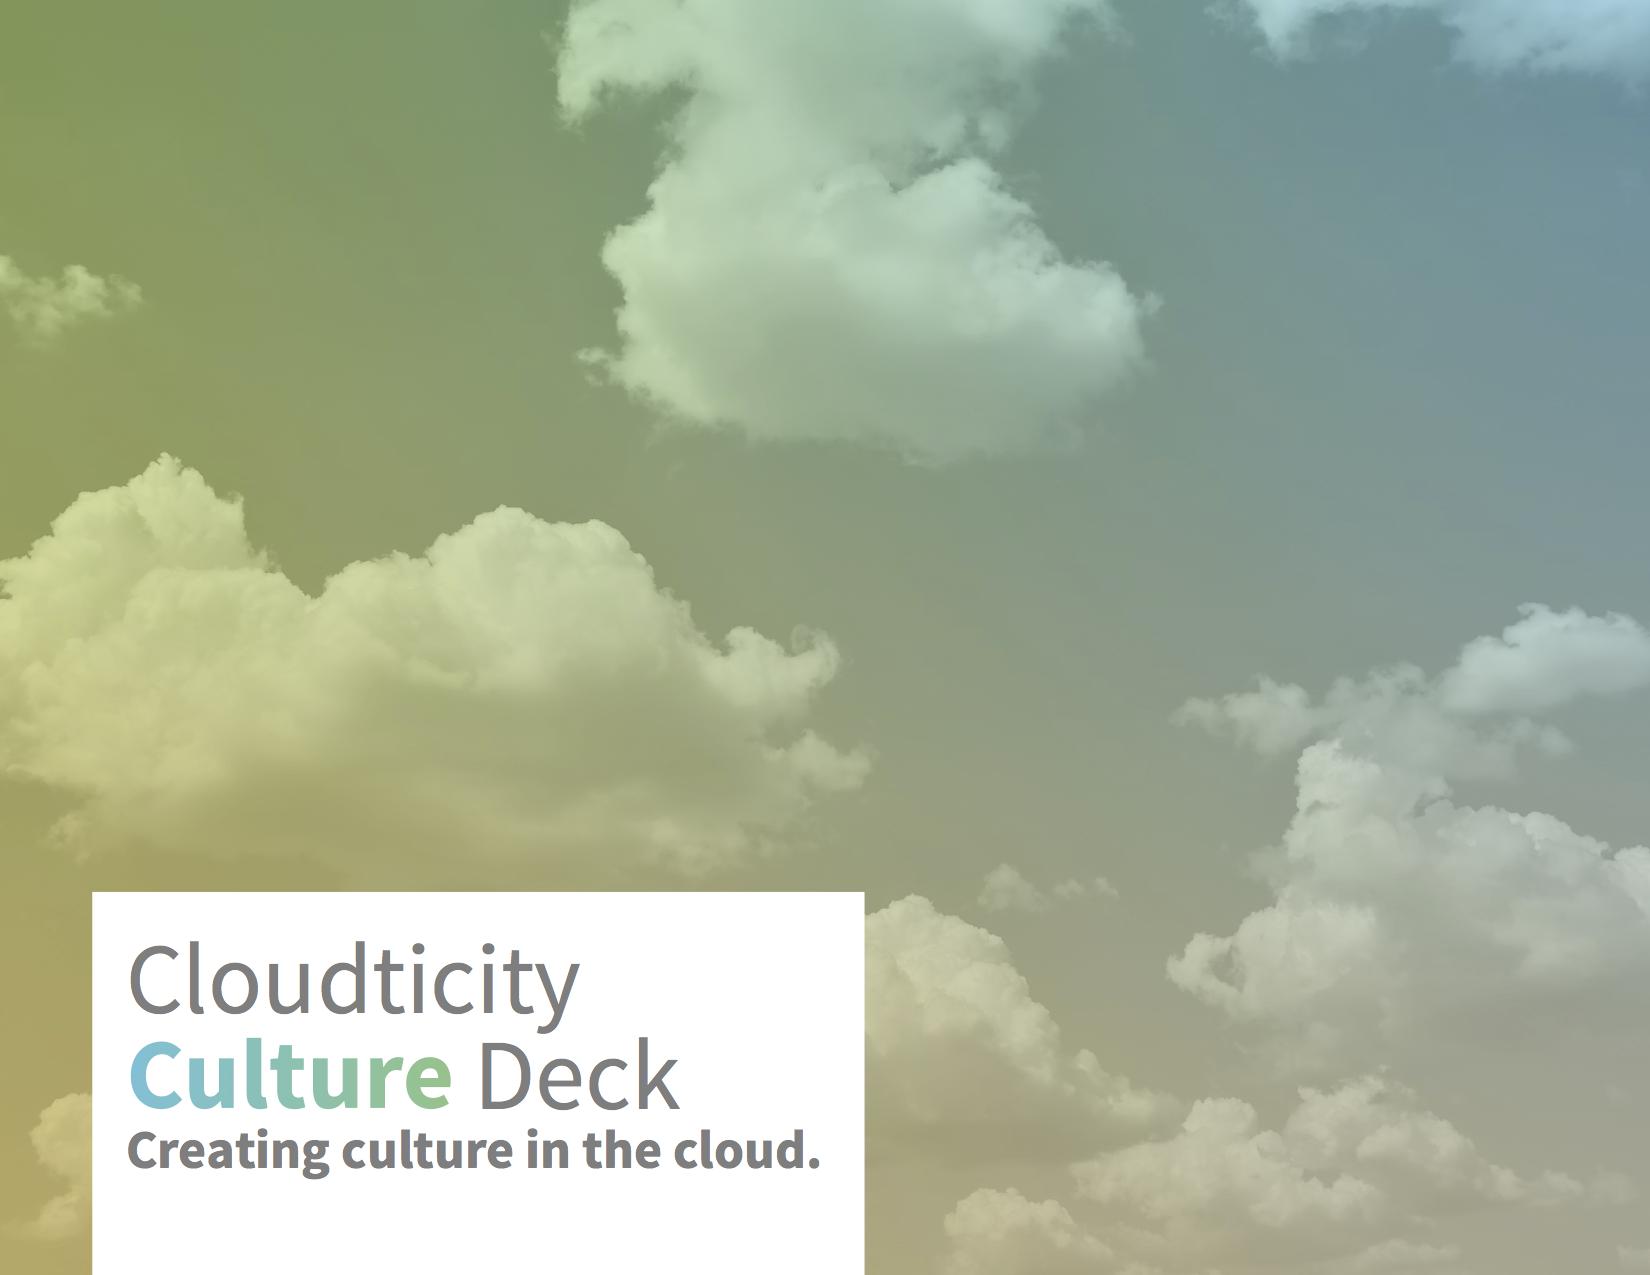 Cloudticity+Culture+Deck.png